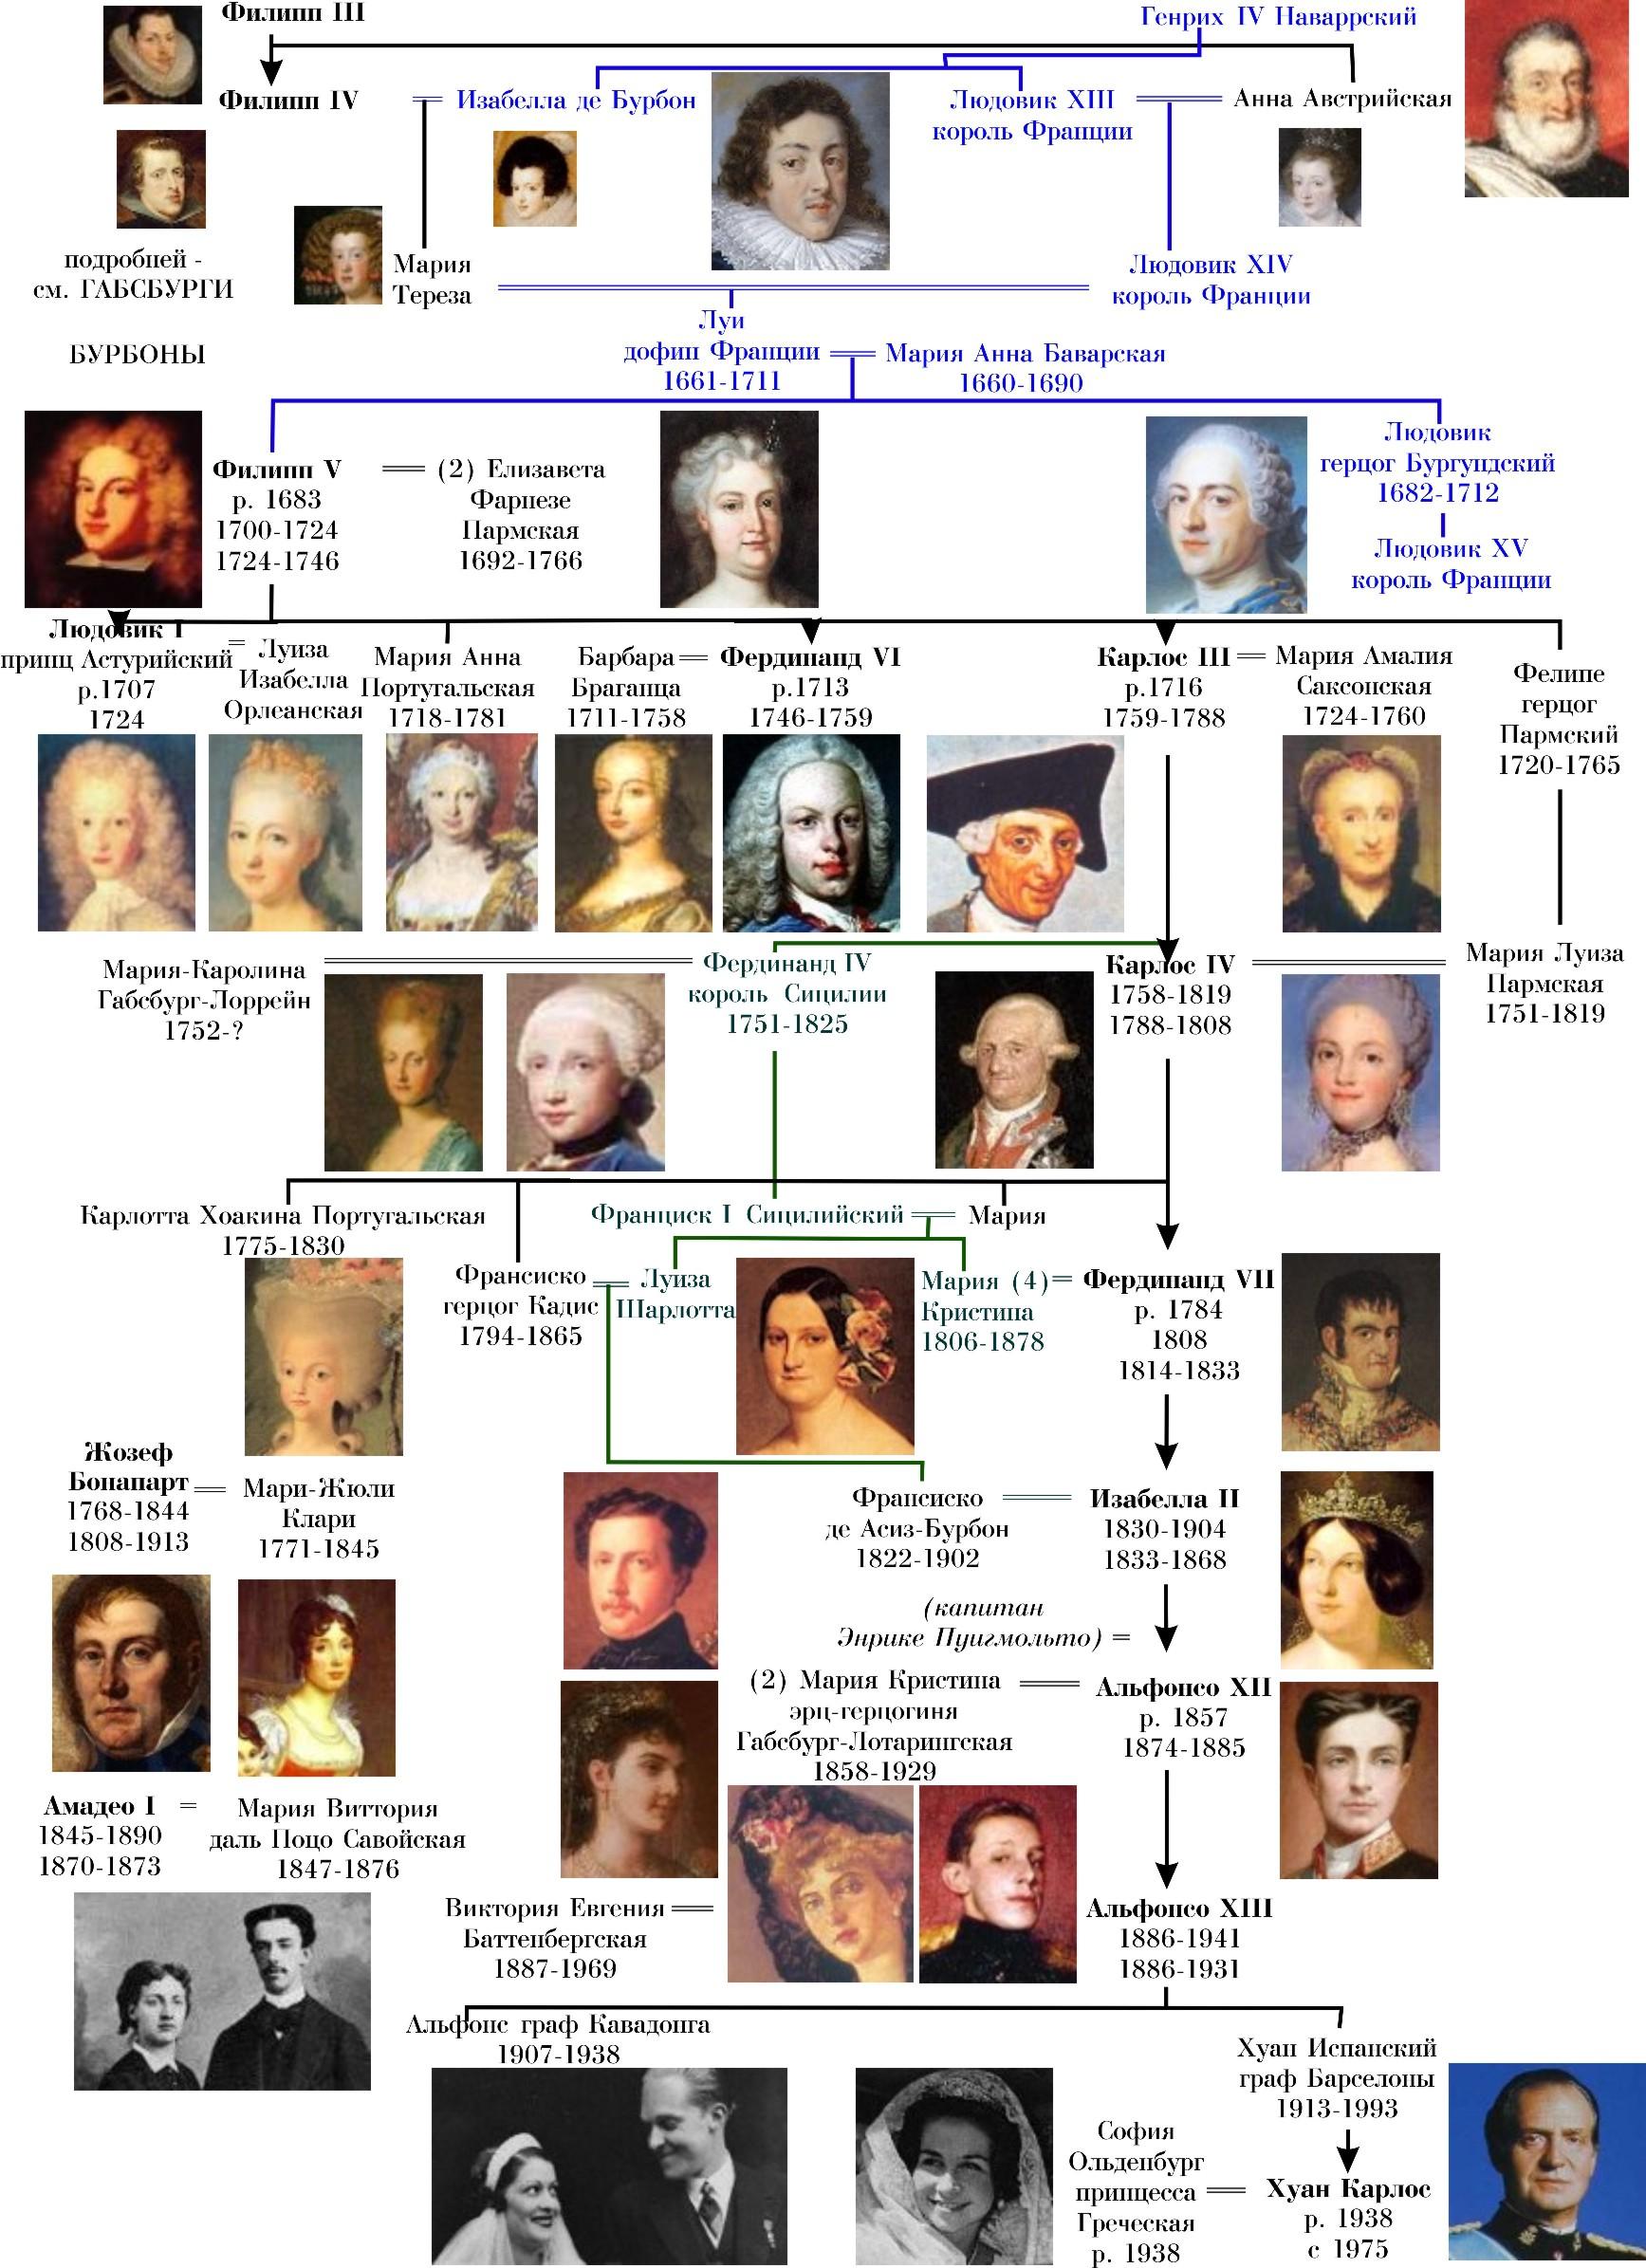 Династия бурбонов генеалогическое древо схема